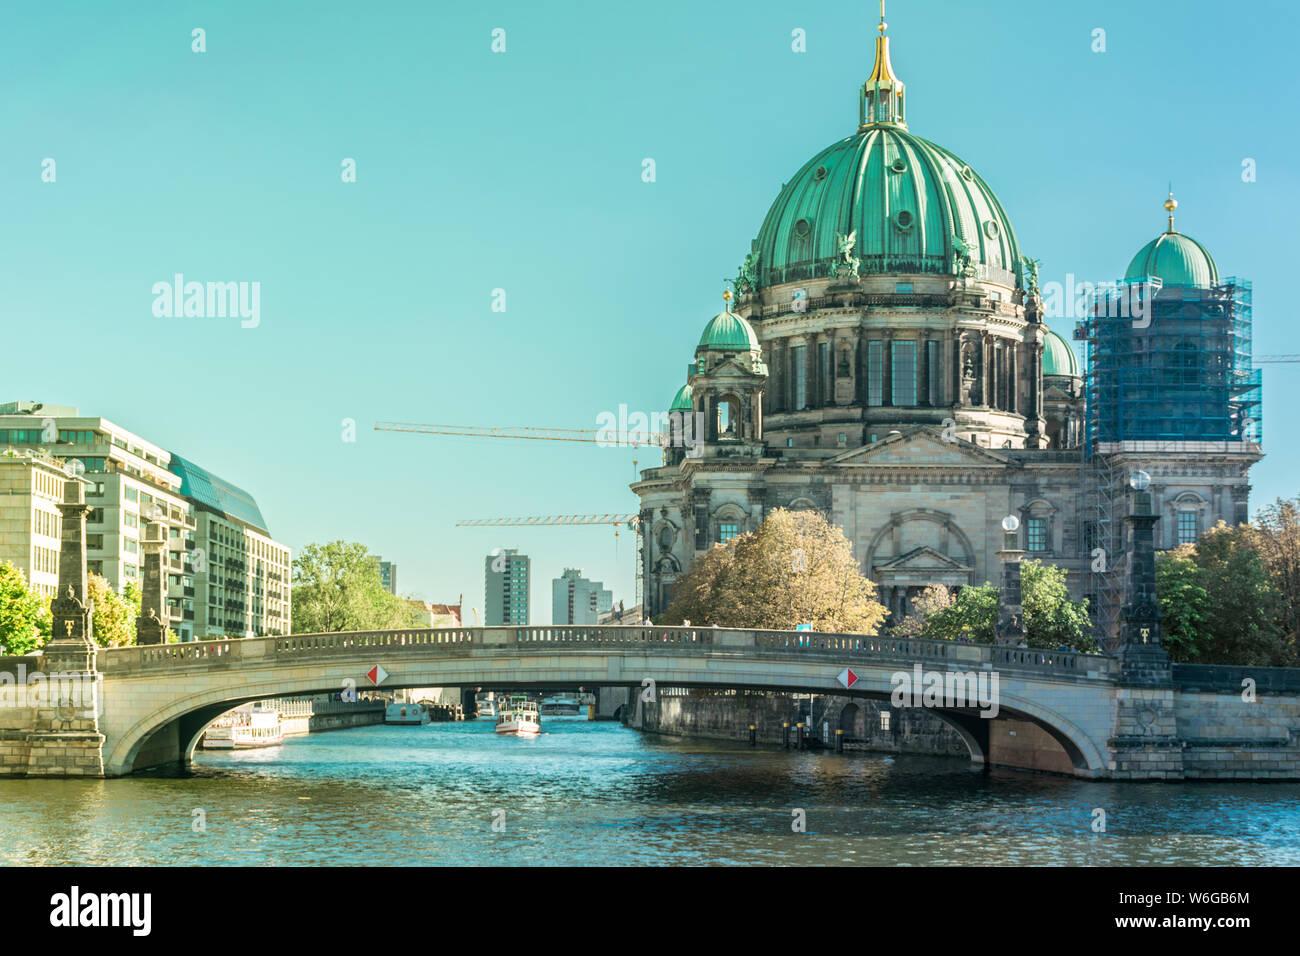 BERLIN, DEUTSCHLAND 26. SEPTEMBER 2018: Schöne Übersicht